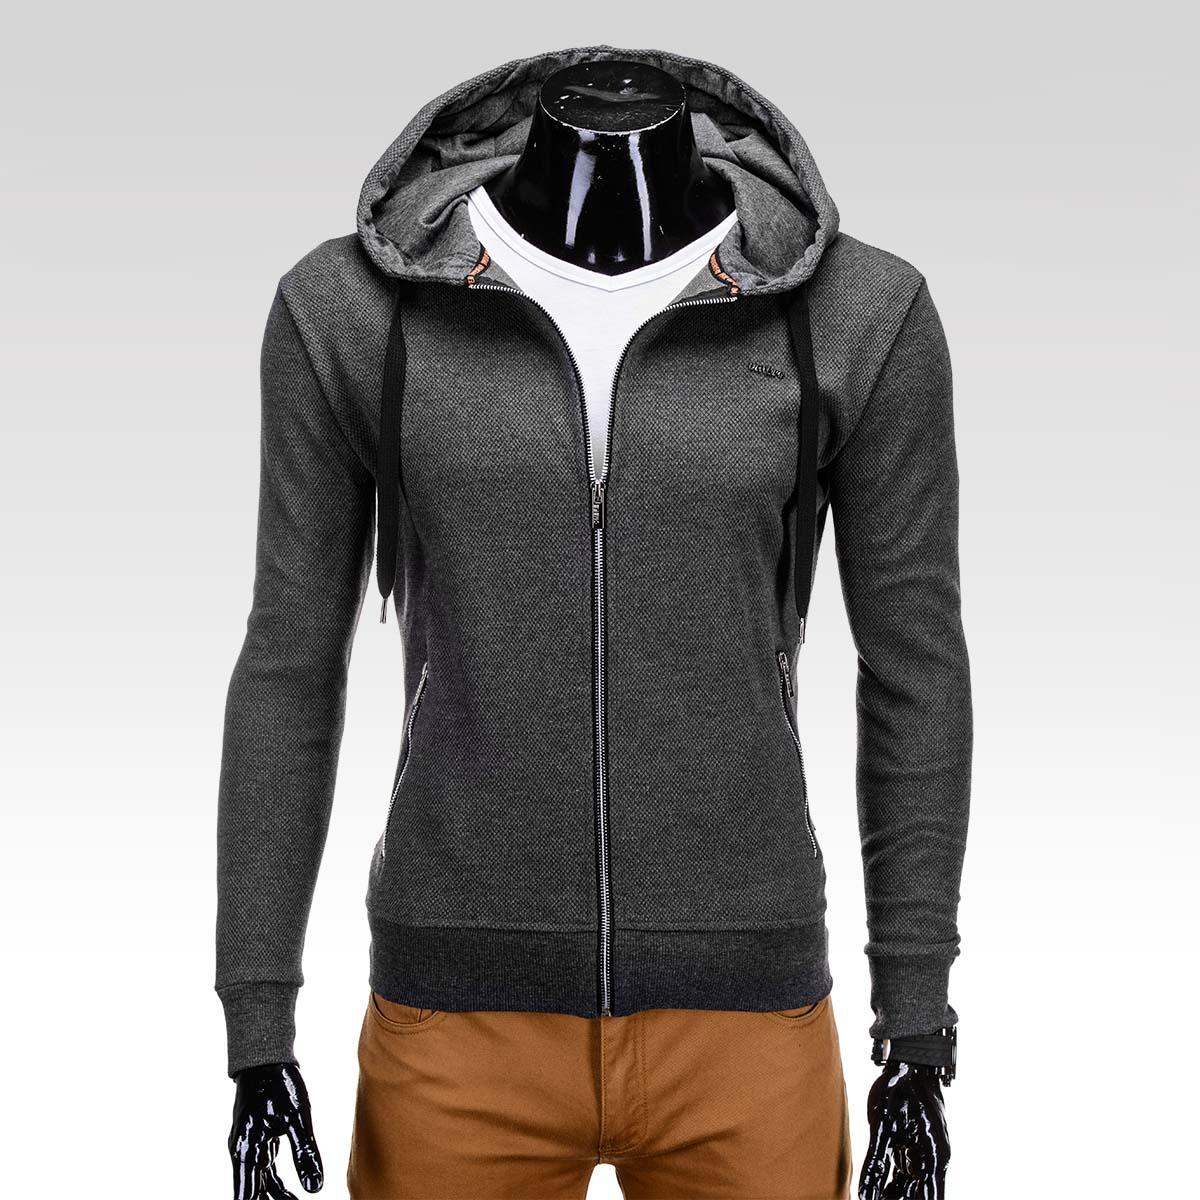 Sportovní trendy tmavě šedá pánská mikina Telfer s kapucí